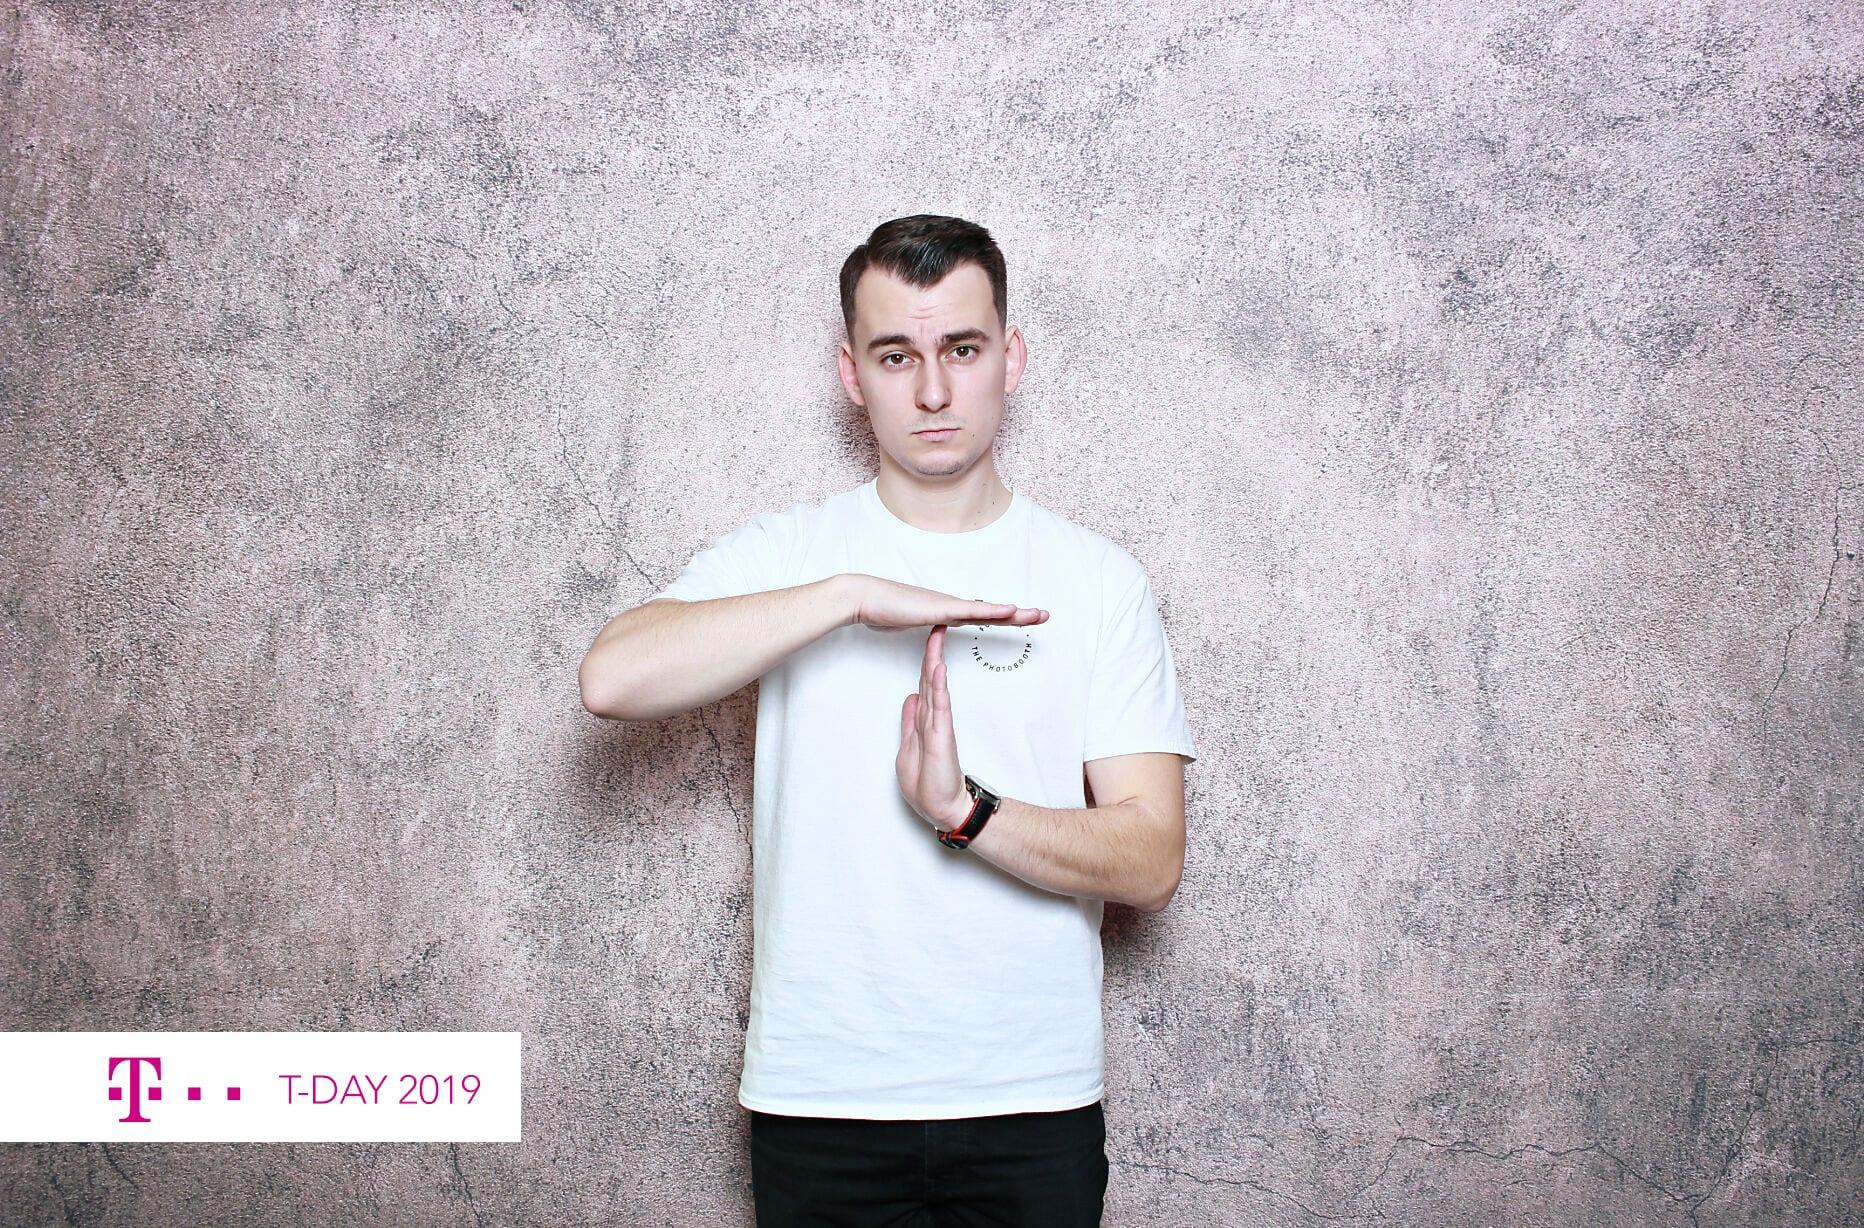 fotokoutek-praha-promo-akce-t-day-14-11-2019-670739